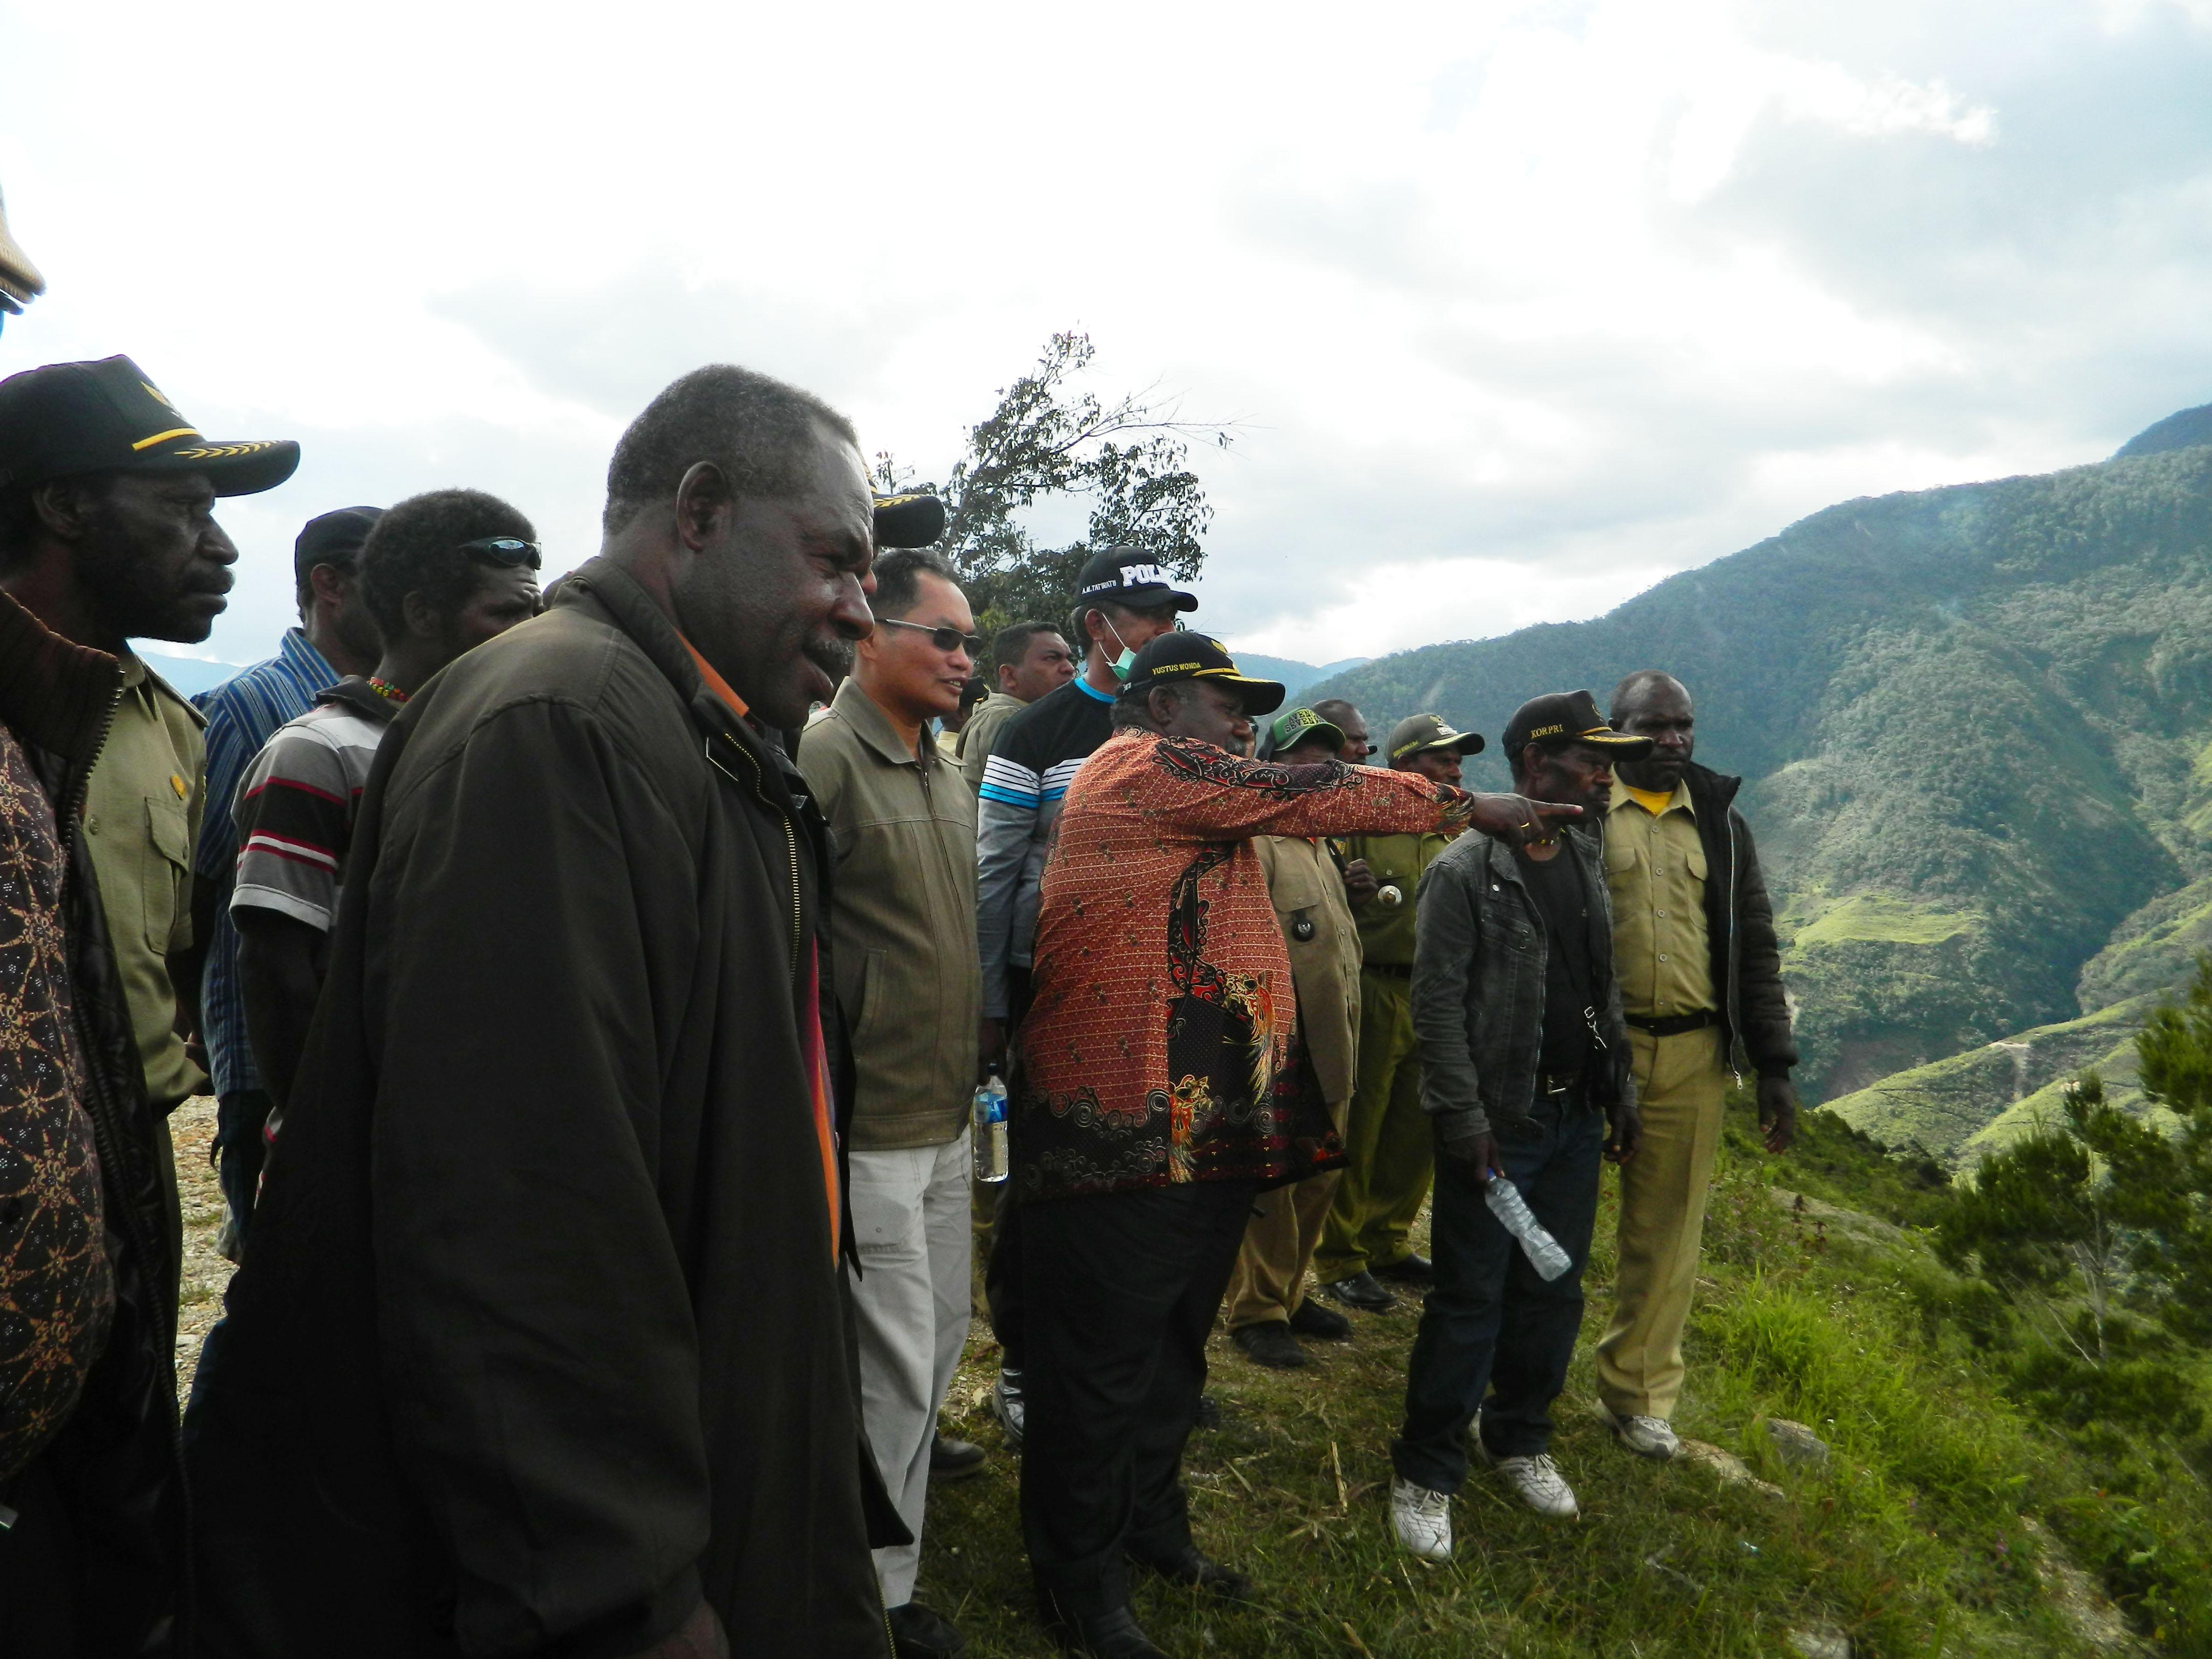 wakil Bupati saat menunjukan lokasi yang akan di bangun kantor DPR Kab. Yamo